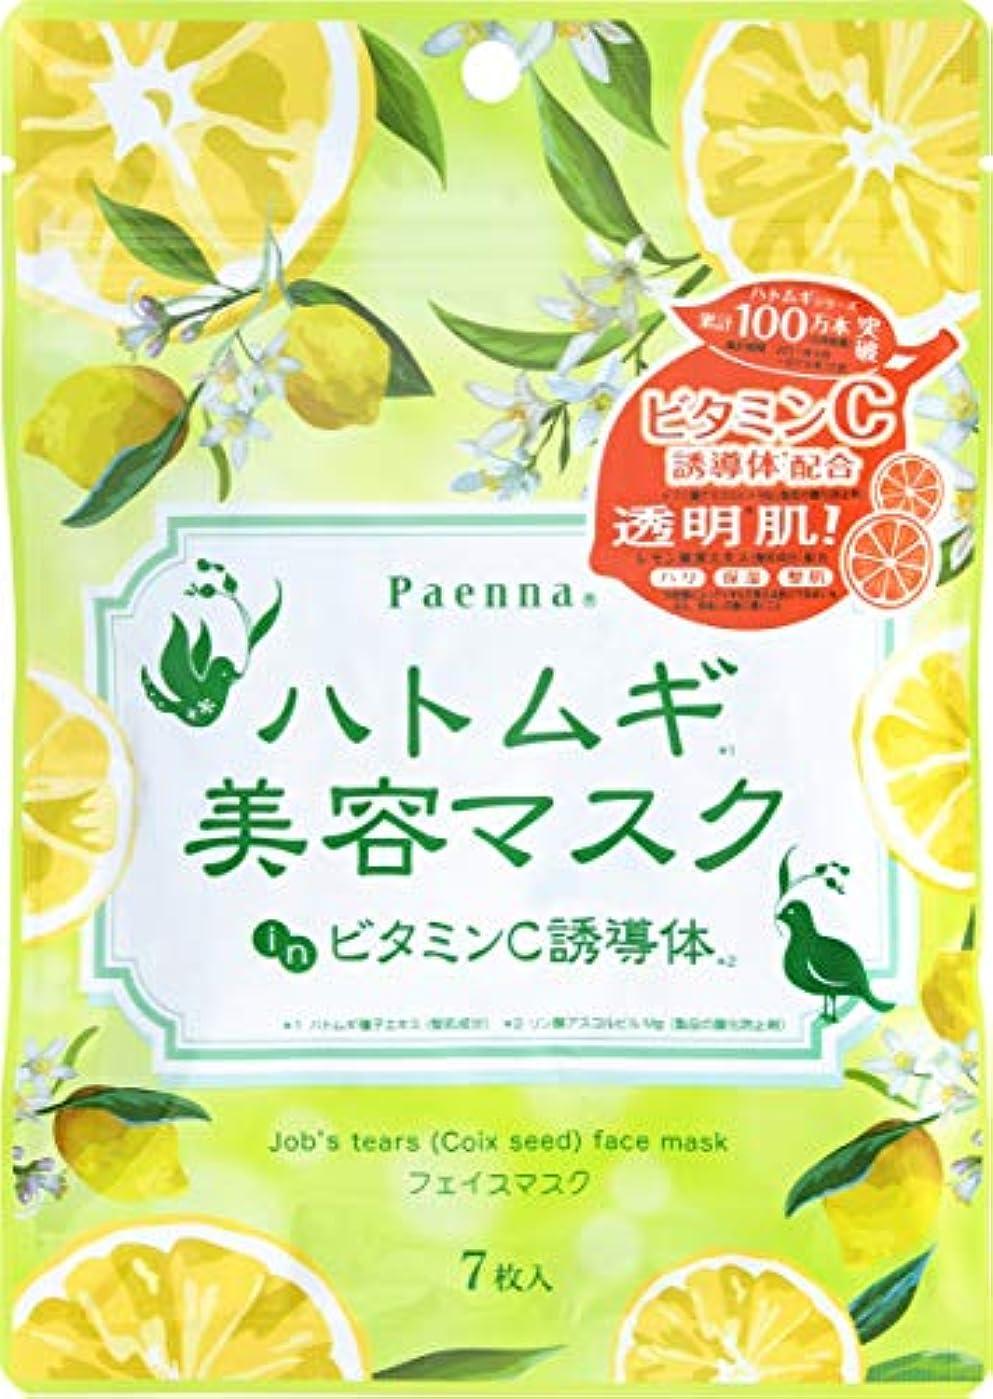 シリーズシステムジョガーパエンナ ハトムギ美容マスク inビタミンC誘導体 7枚(90ml)